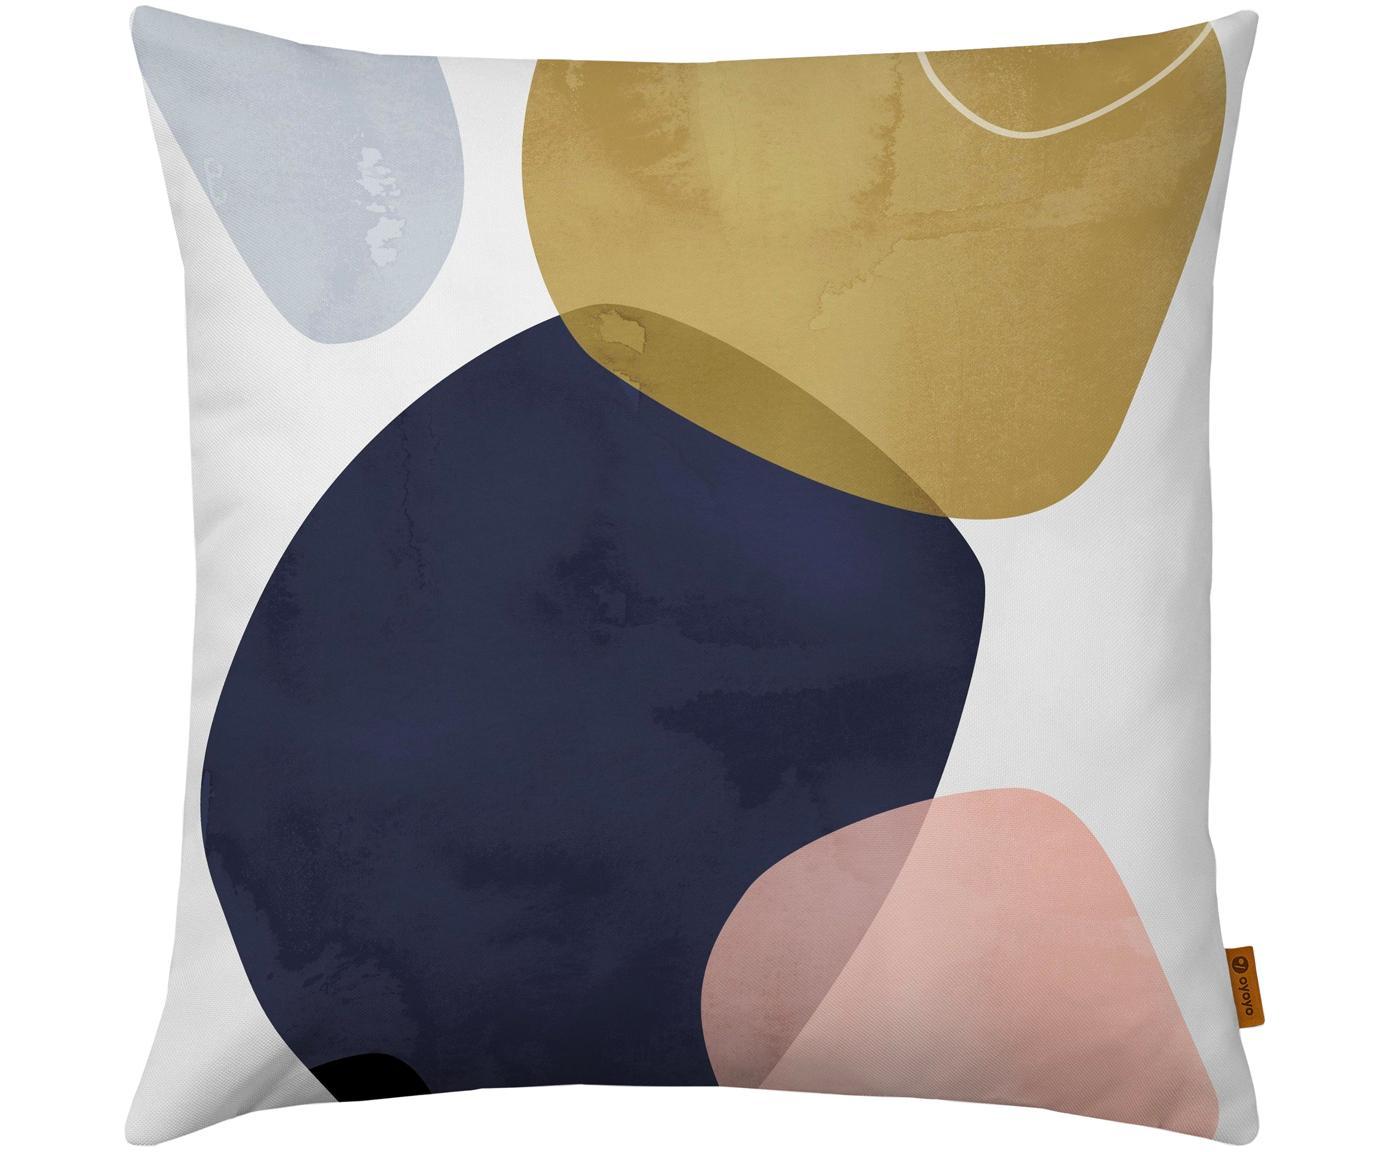 Funda de cojín Graphic, Poliéster, Azul, dorado, blanco, An 40 x L 40 cm